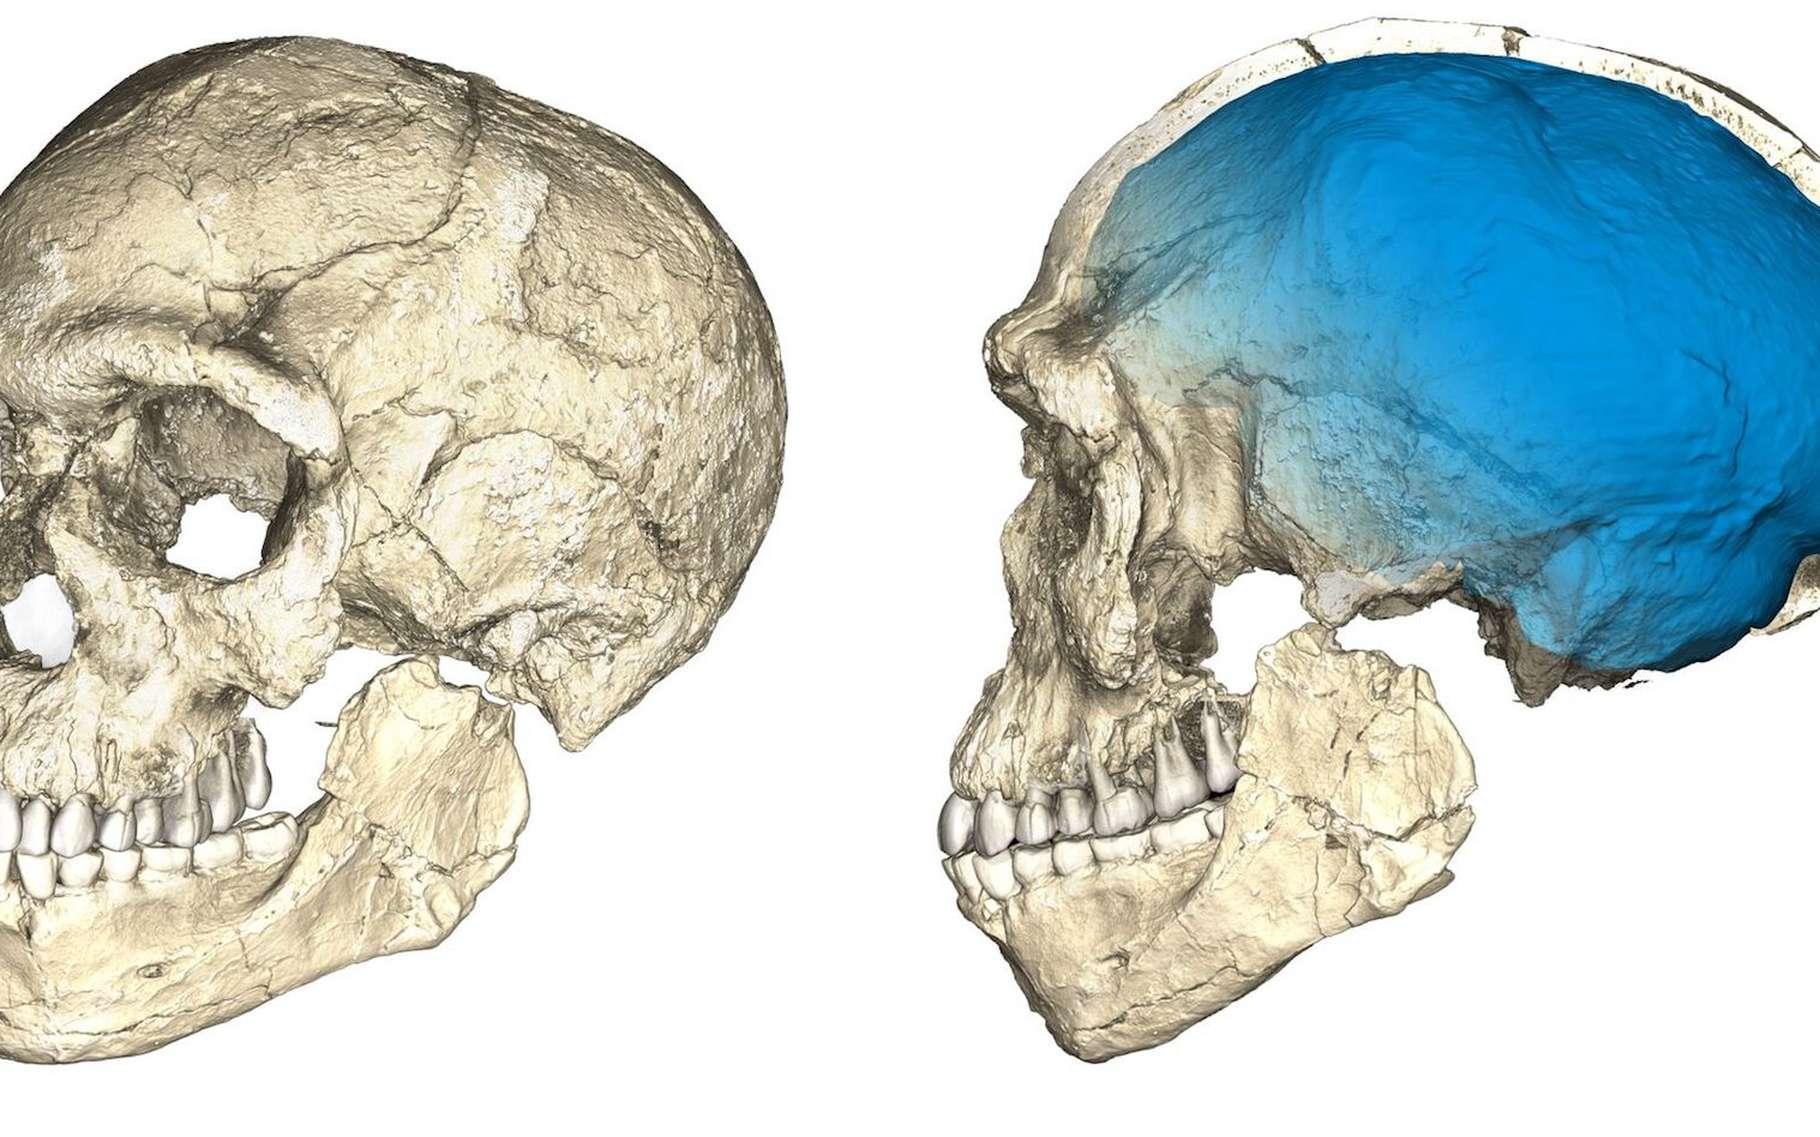 Des découvertes de restes d'Homo sapiens sur un site marocain laissent à penser que l'émergence de l'Homme moderne est plus ancienne que prévu et qu'il s'agit d'un phénomène panafricain. © Philipp Gunz, MPI EVA Leipzig, CC by-SA 2.0